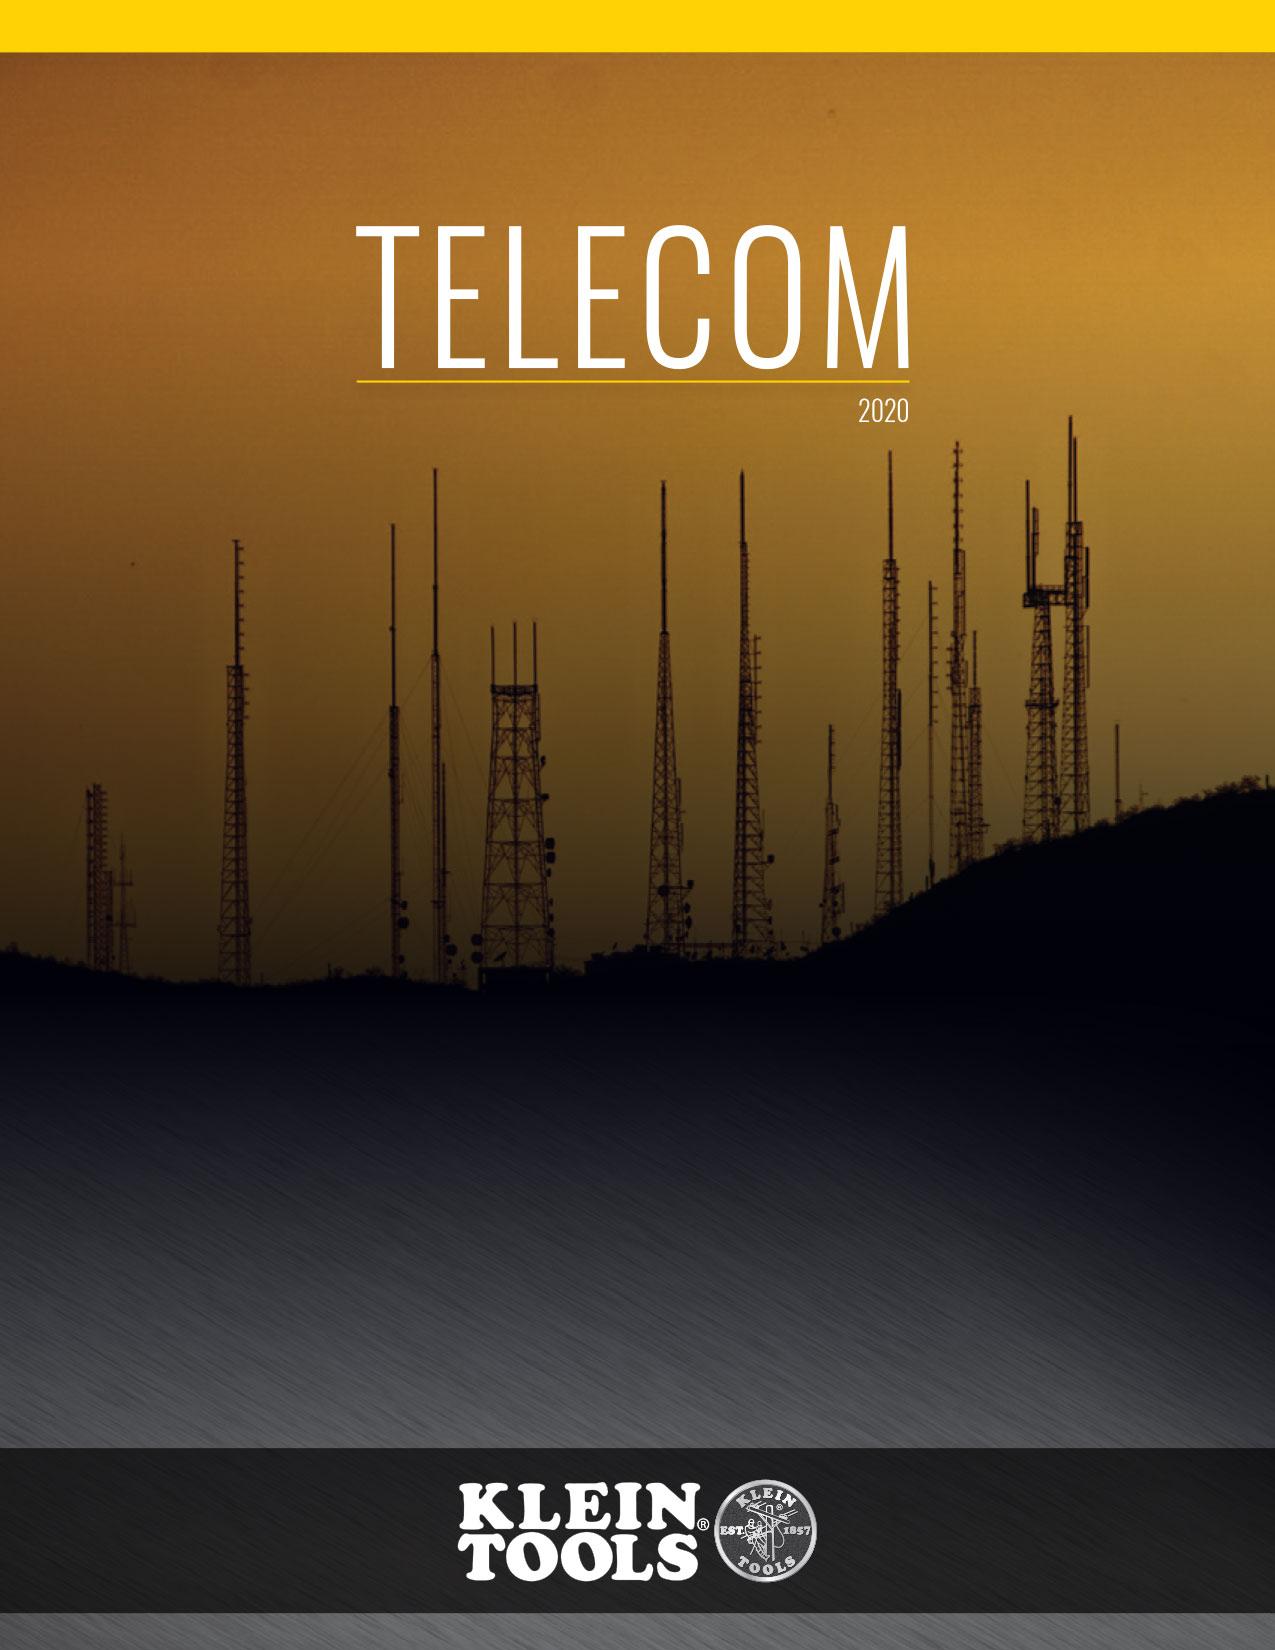 Klein Tools - Telecom Catalog